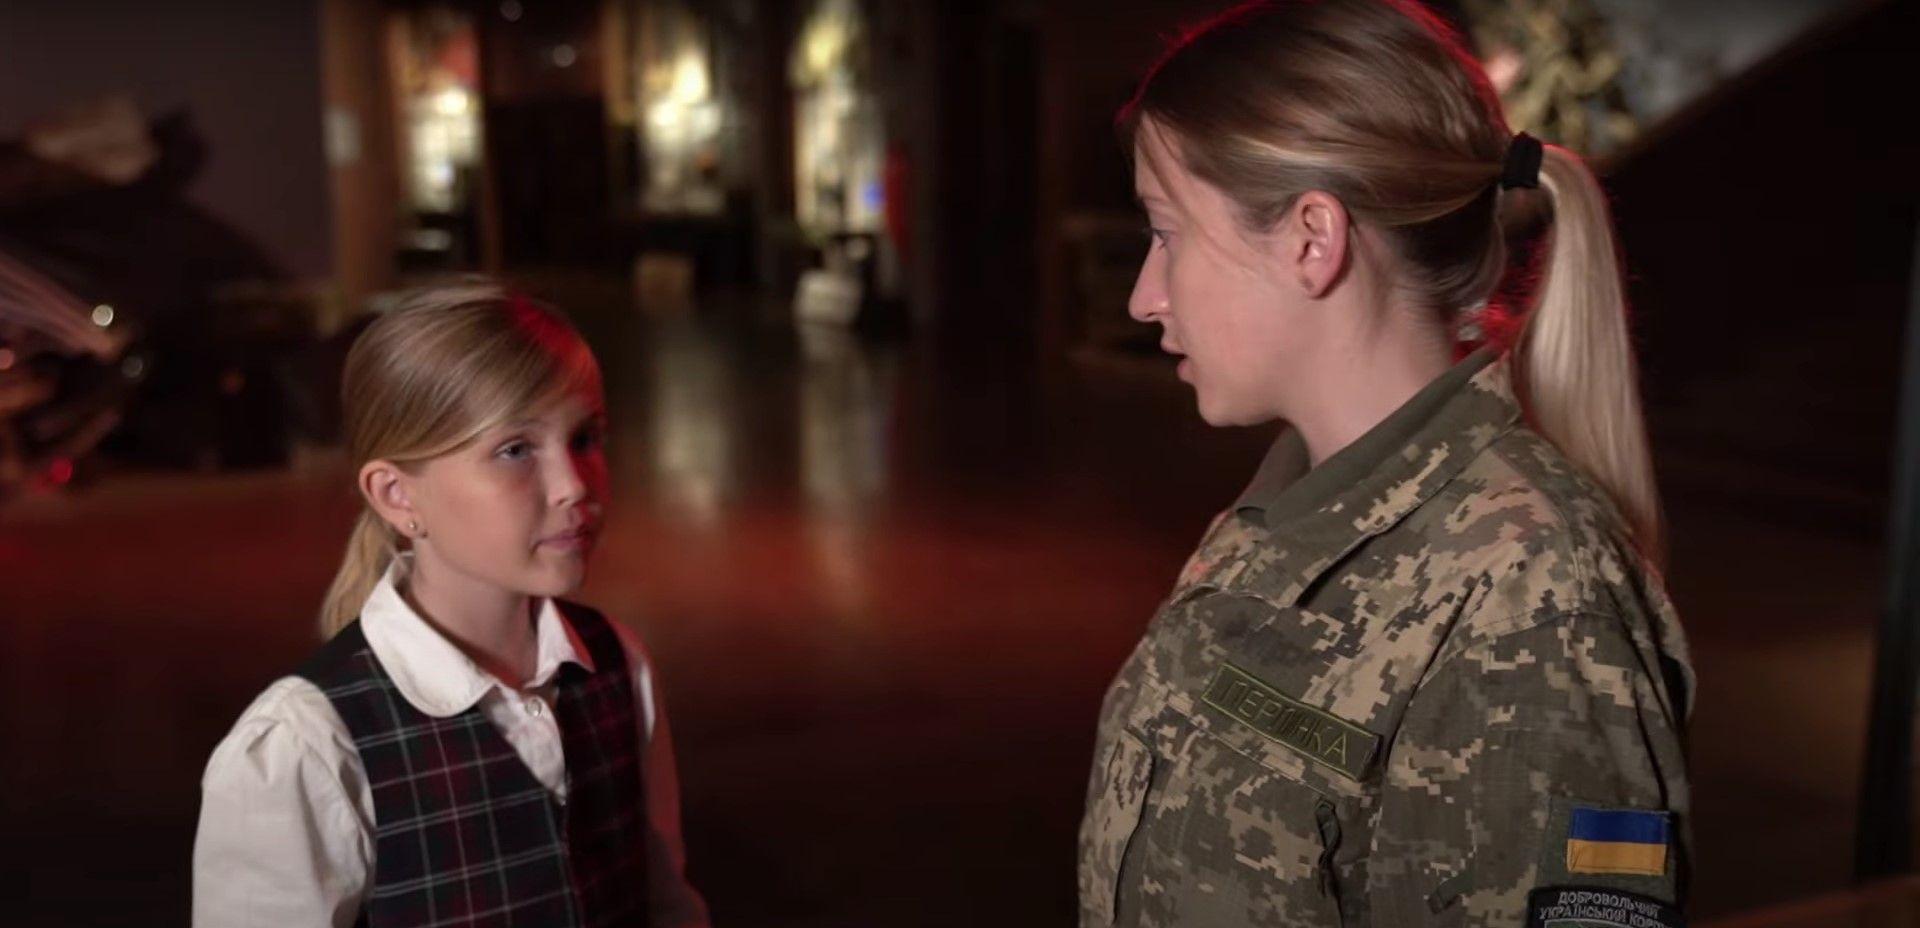 Діалоги про війну. В Україні запустили новий освітній відеопроєкт для дітей